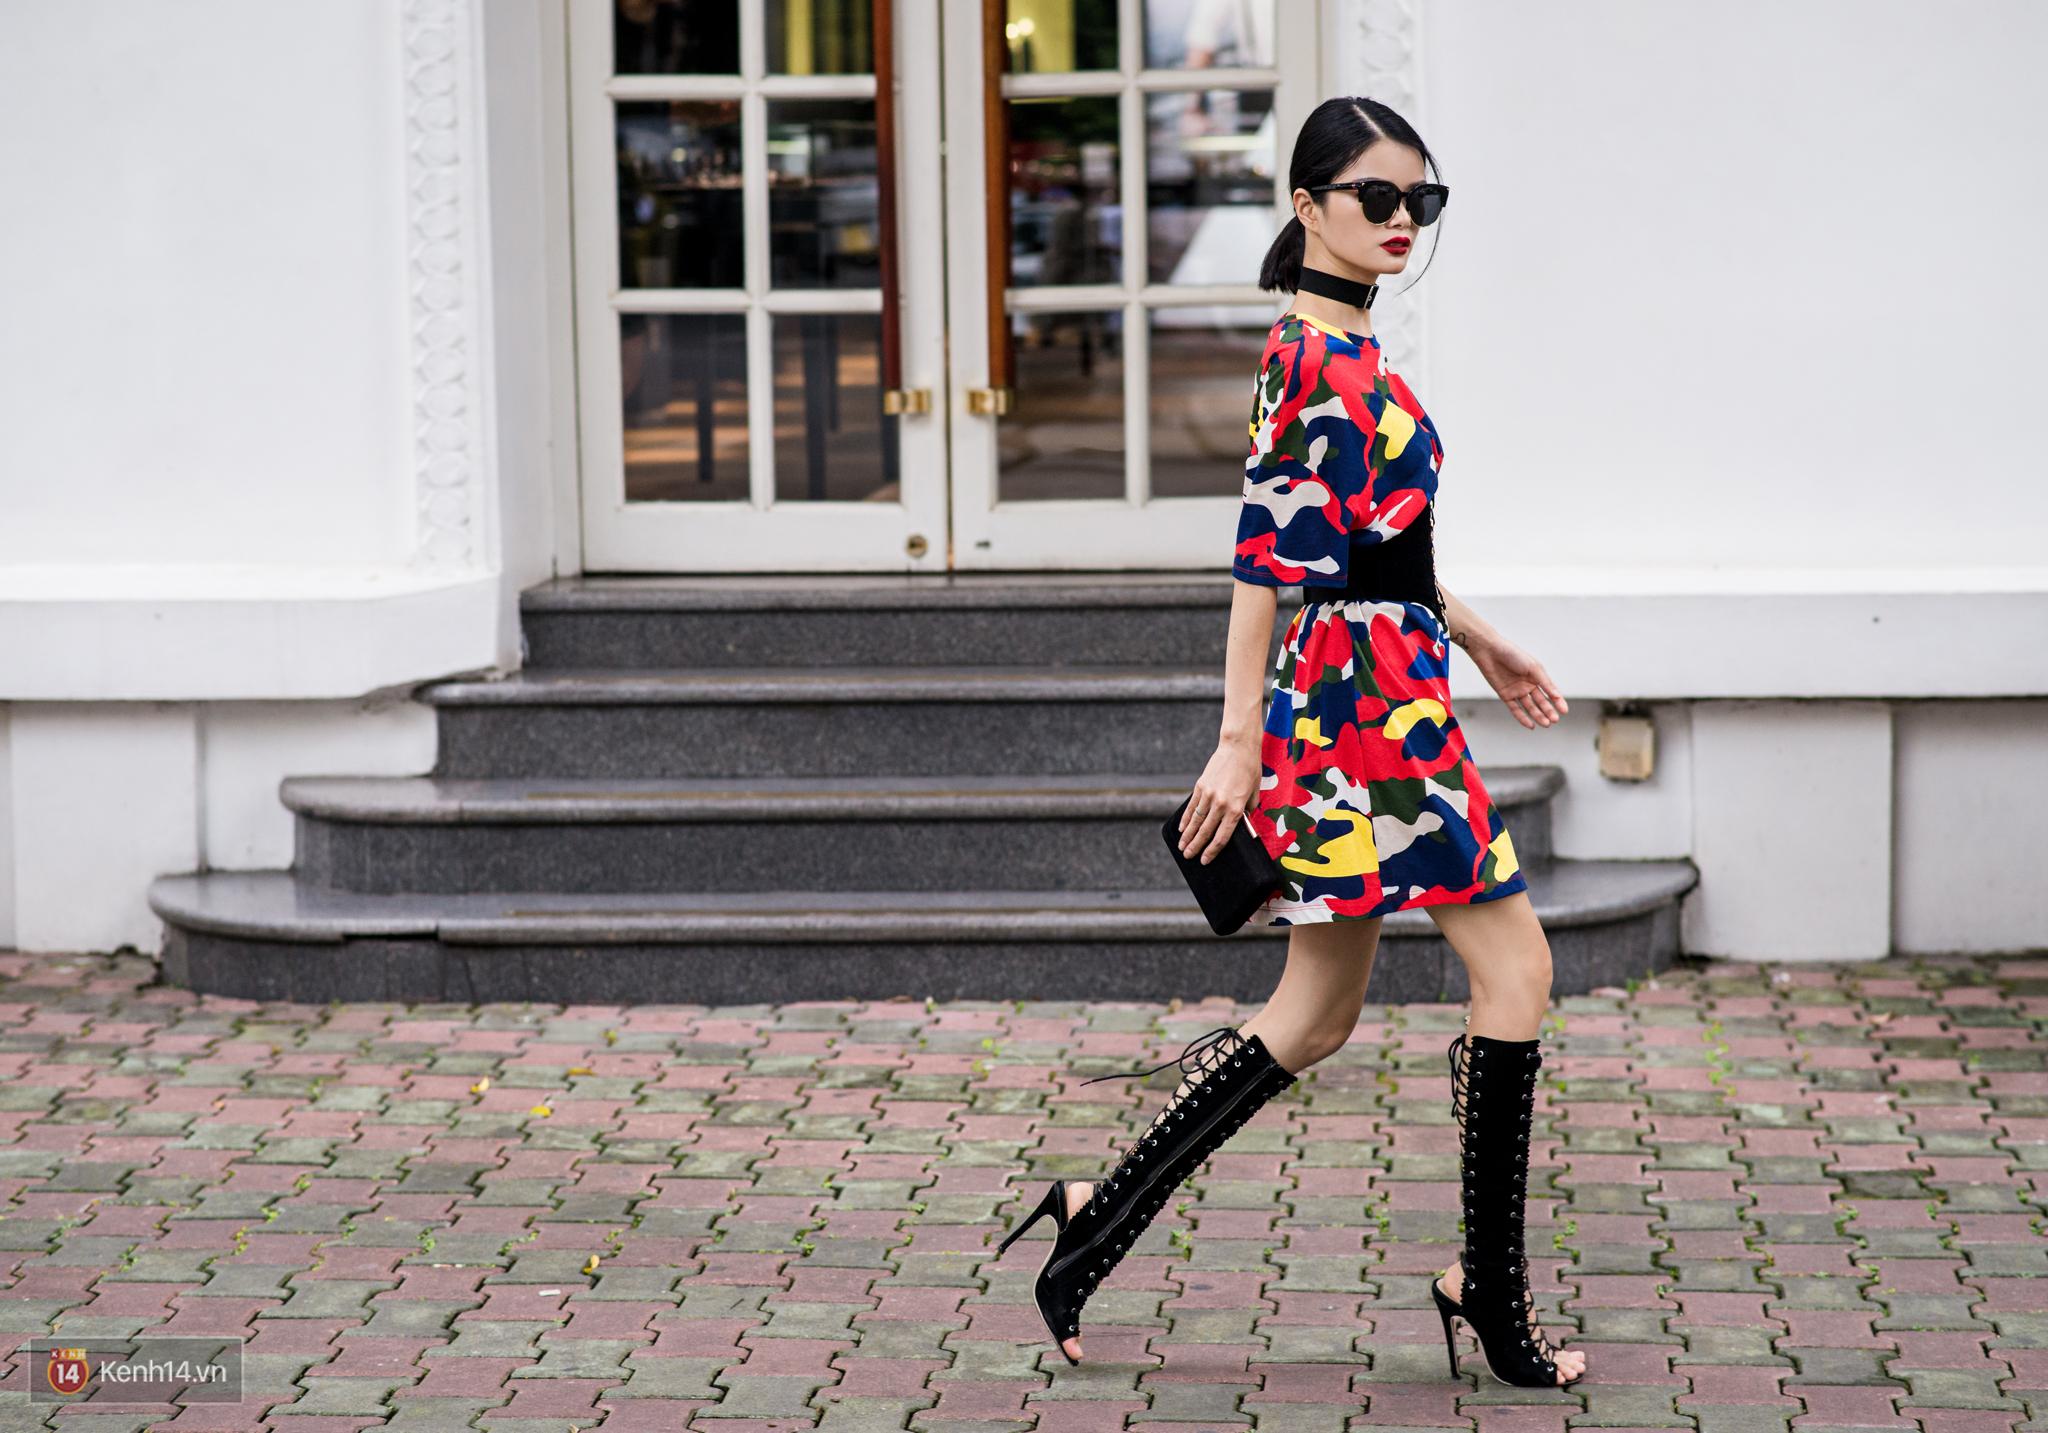 Street style 2 miền: Dù theo phong cách nữ tính hay cool ngầu, các bạn trẻ cũng mix đồ cực hay và diện toàn item trendy nhất - Ảnh 12.